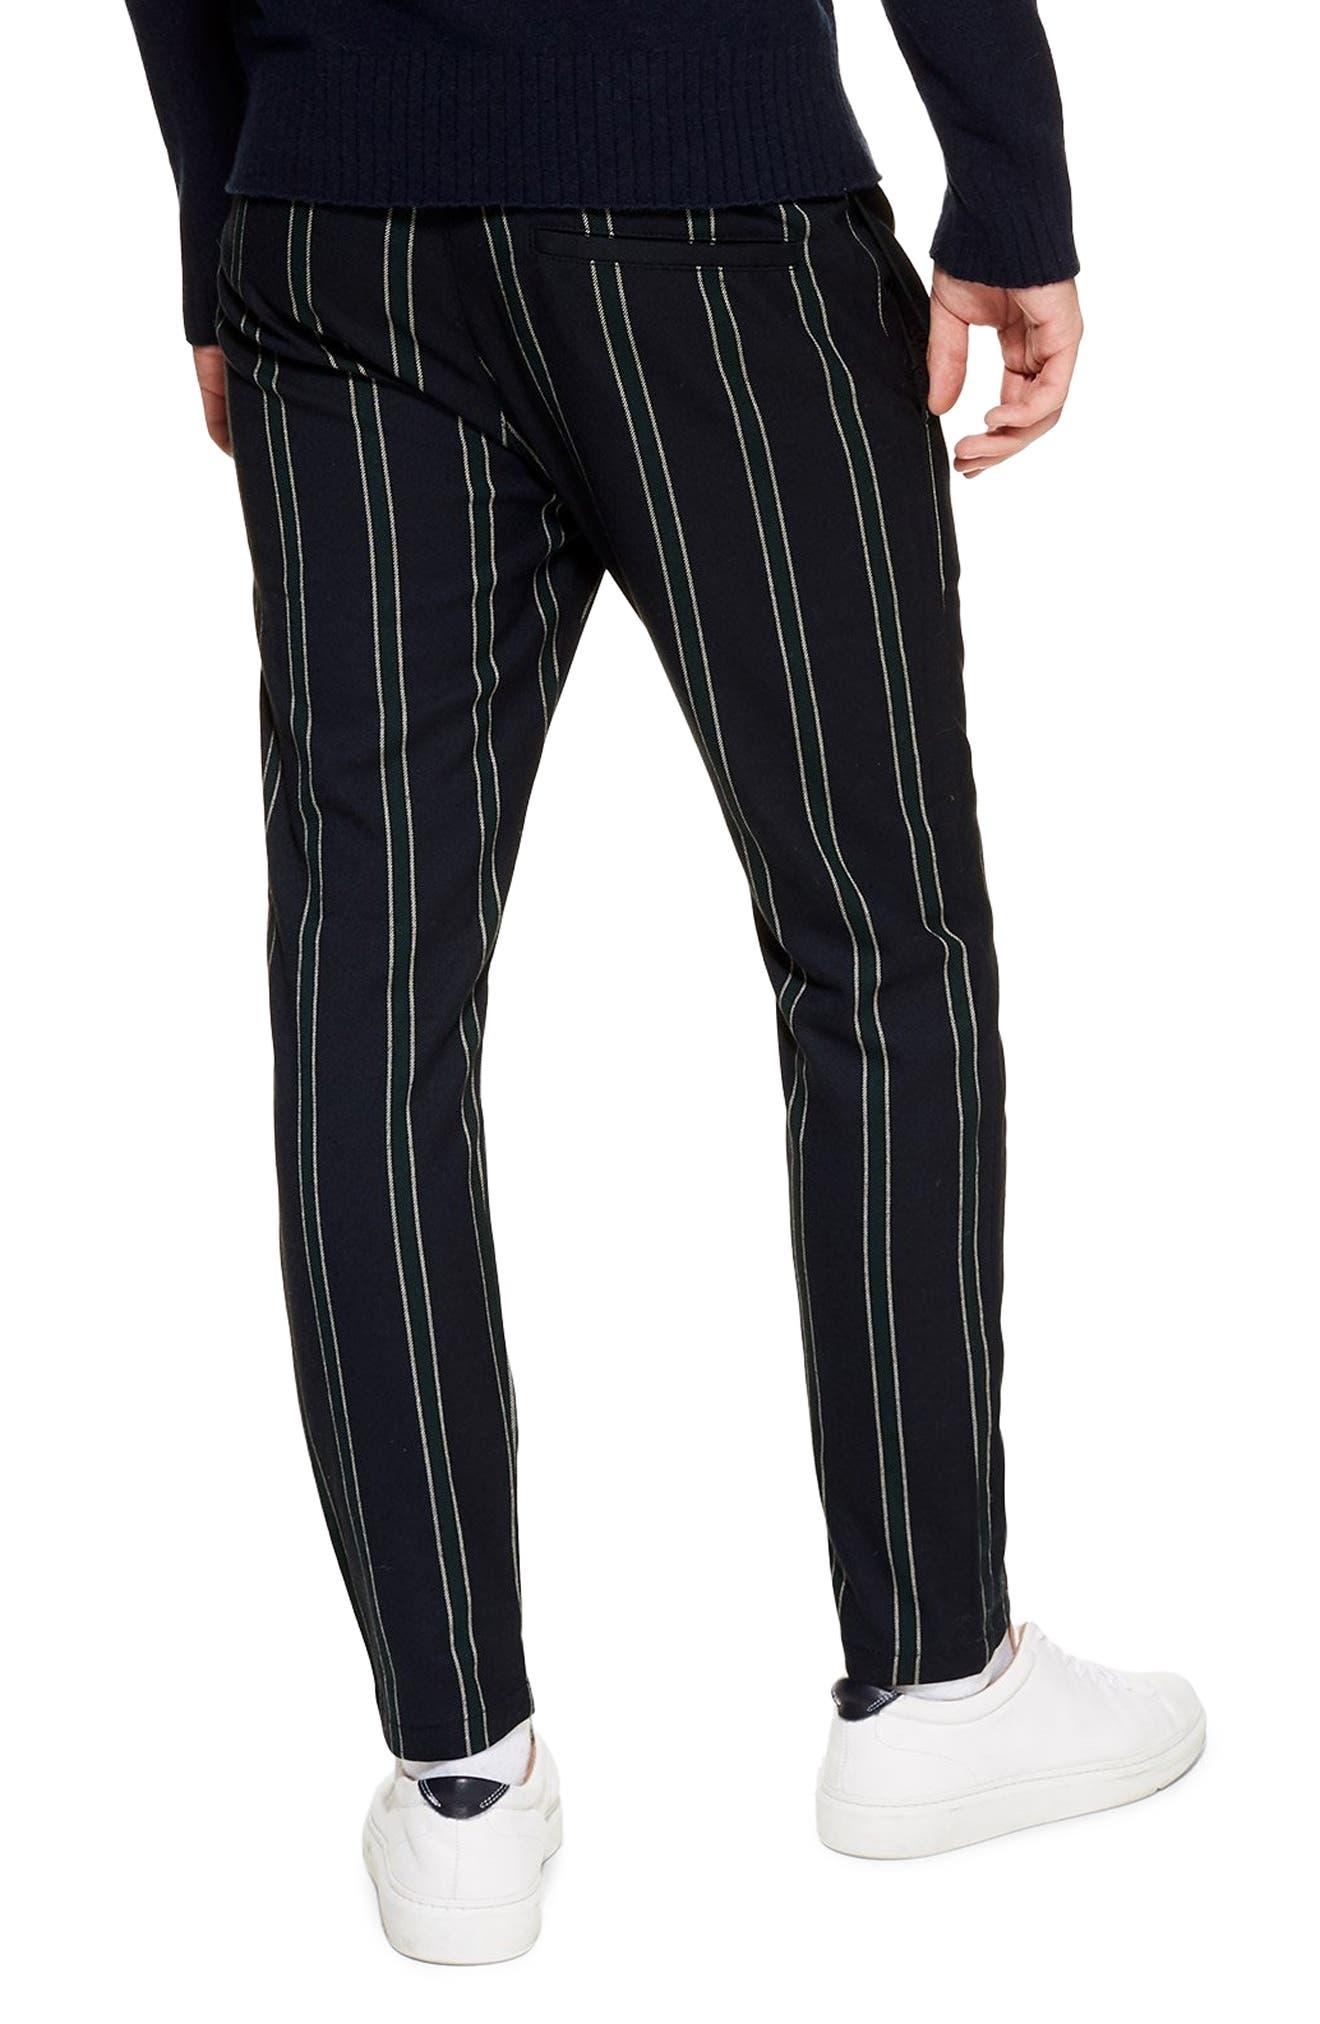 TOPMAN, Stripe Jogger Pants, Alternate thumbnail 2, color, NAVY MULTI